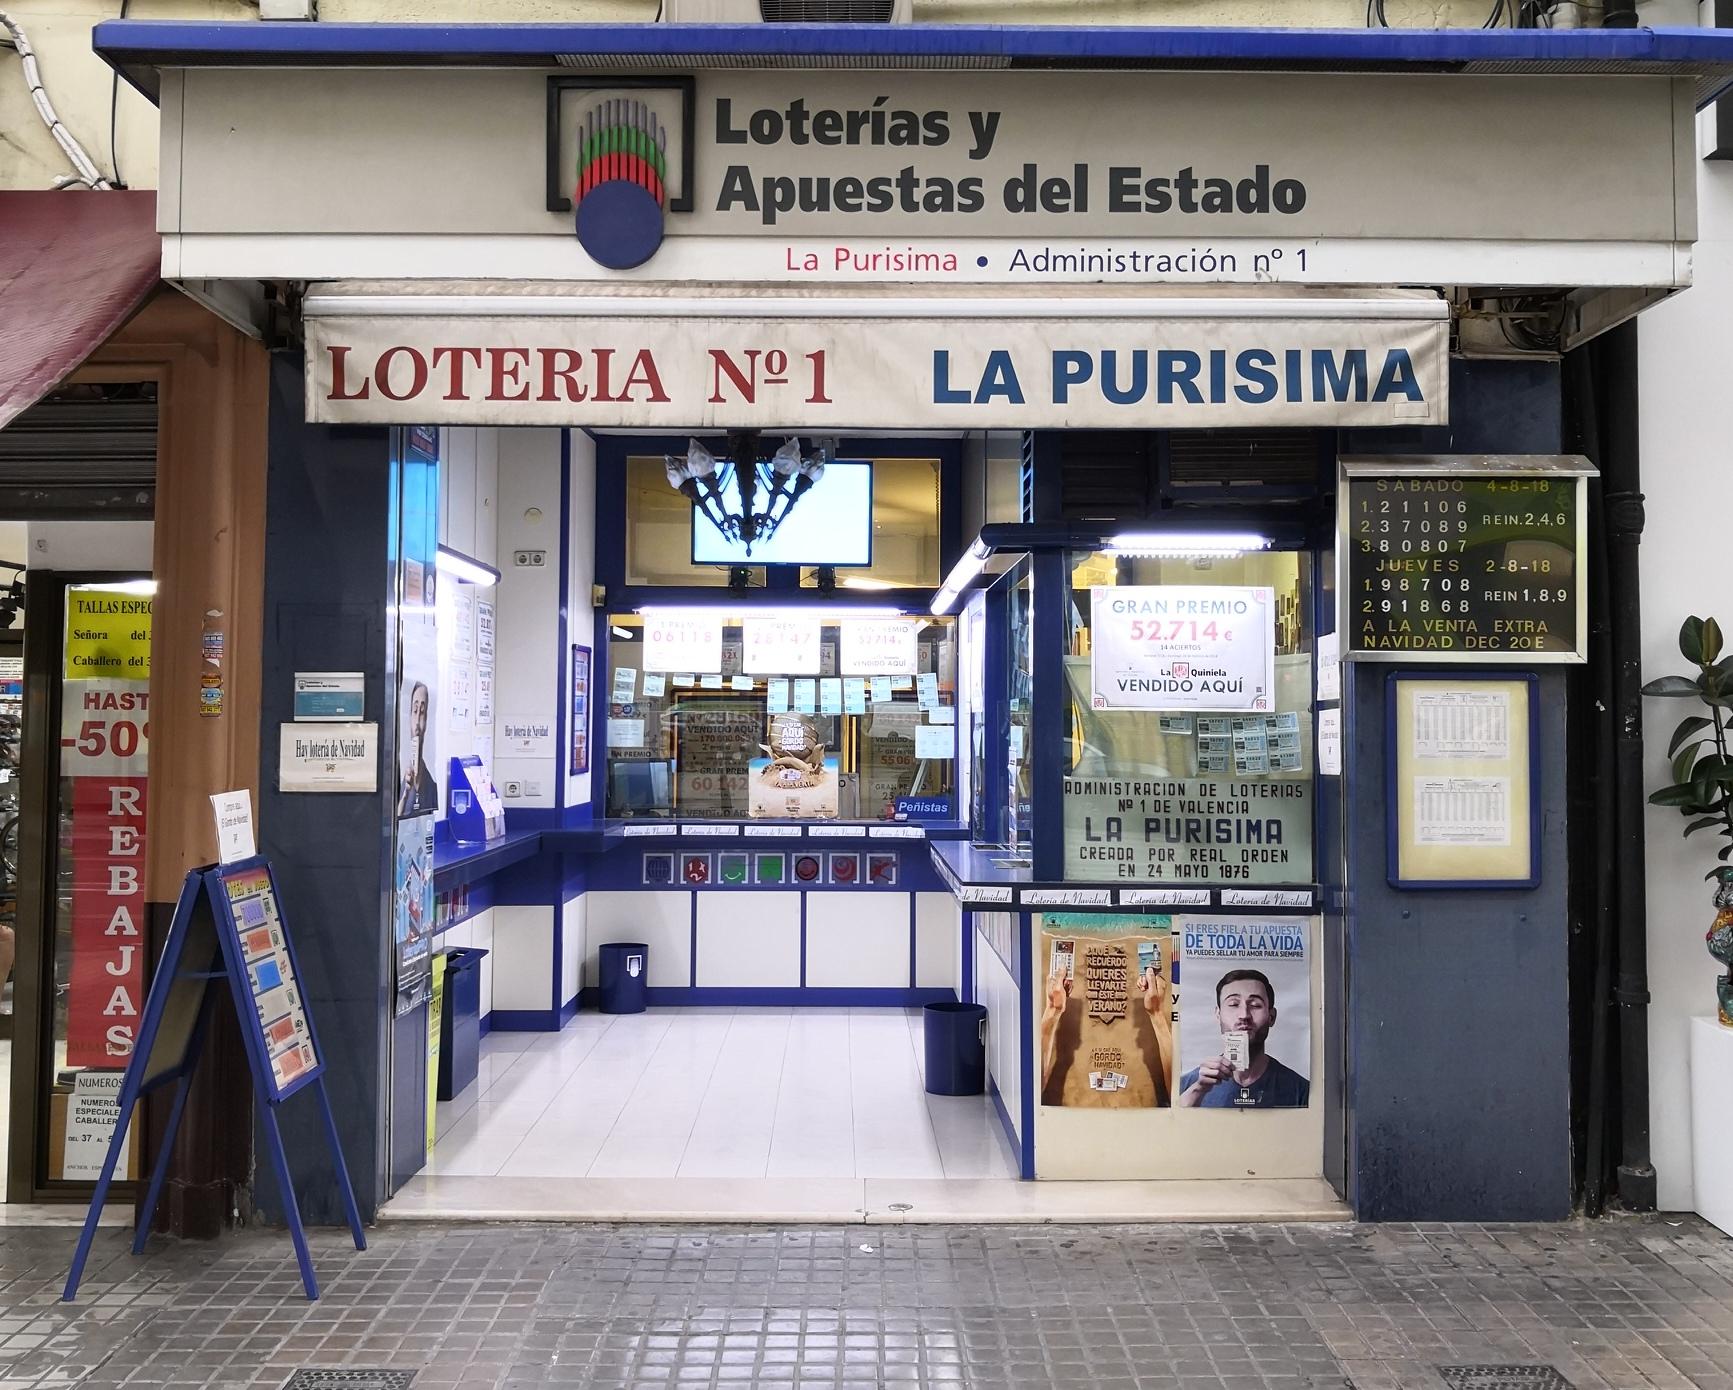 comprar-loteria-valencia-navidad-2019-niño-2020